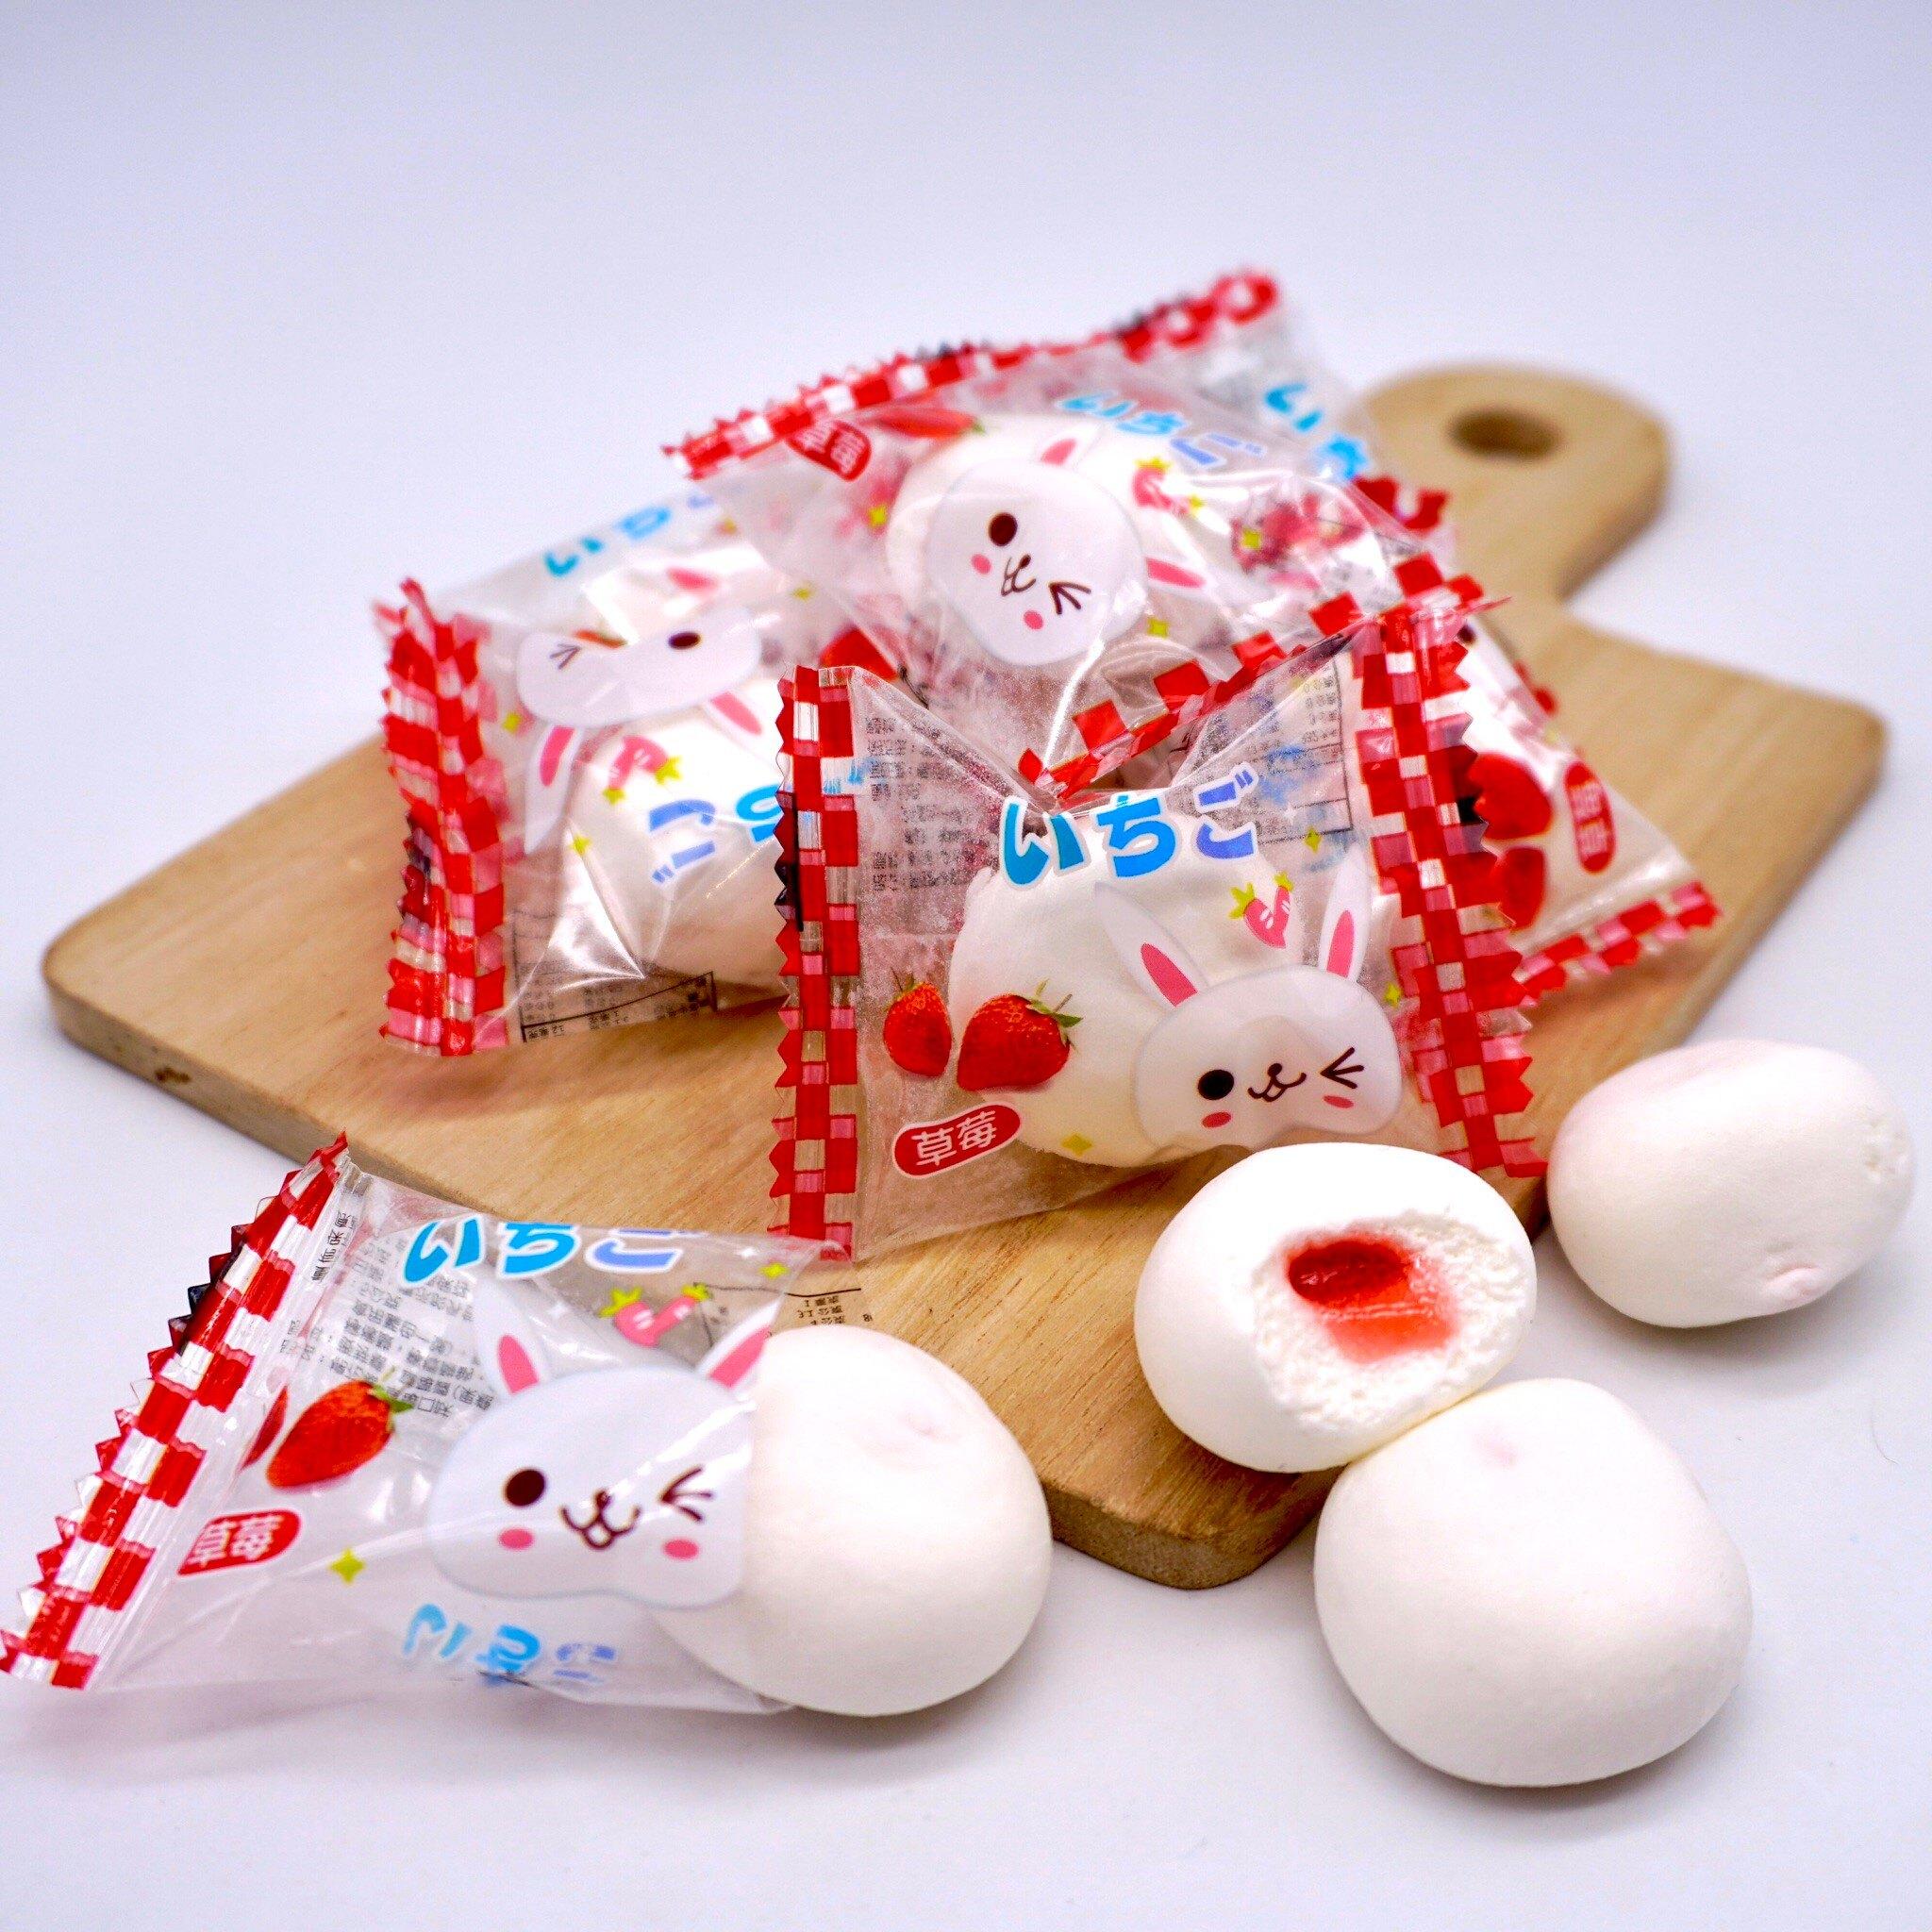 嘴甜甜 草莓夾心棉花糖 200公克 夾心系列 棉花糖 水果系列 水果夾心 包裝棉花糖 現貨